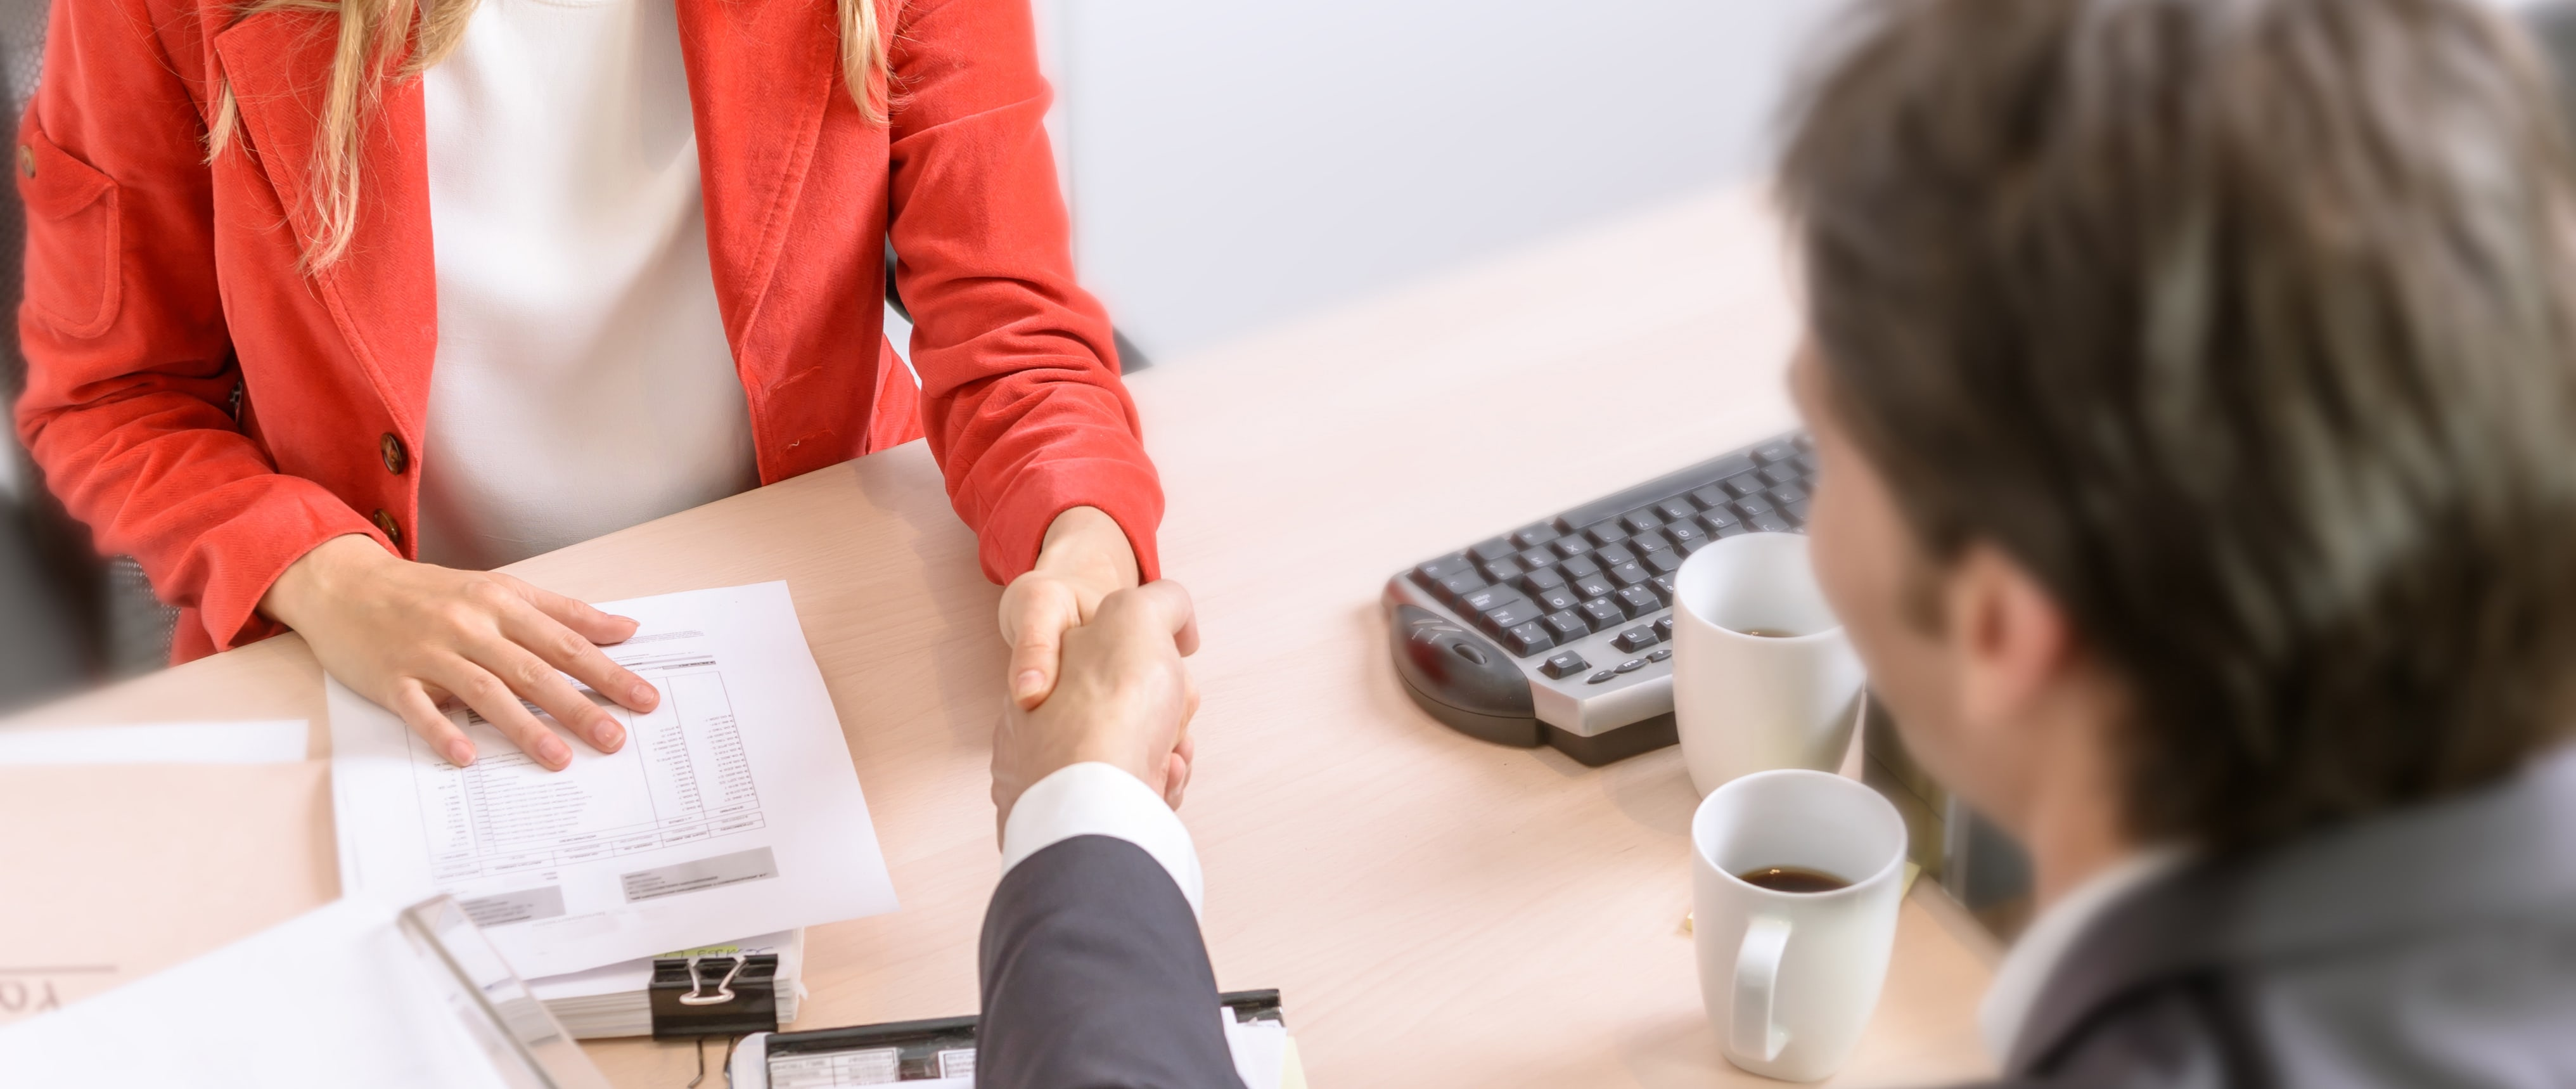 financial concierge